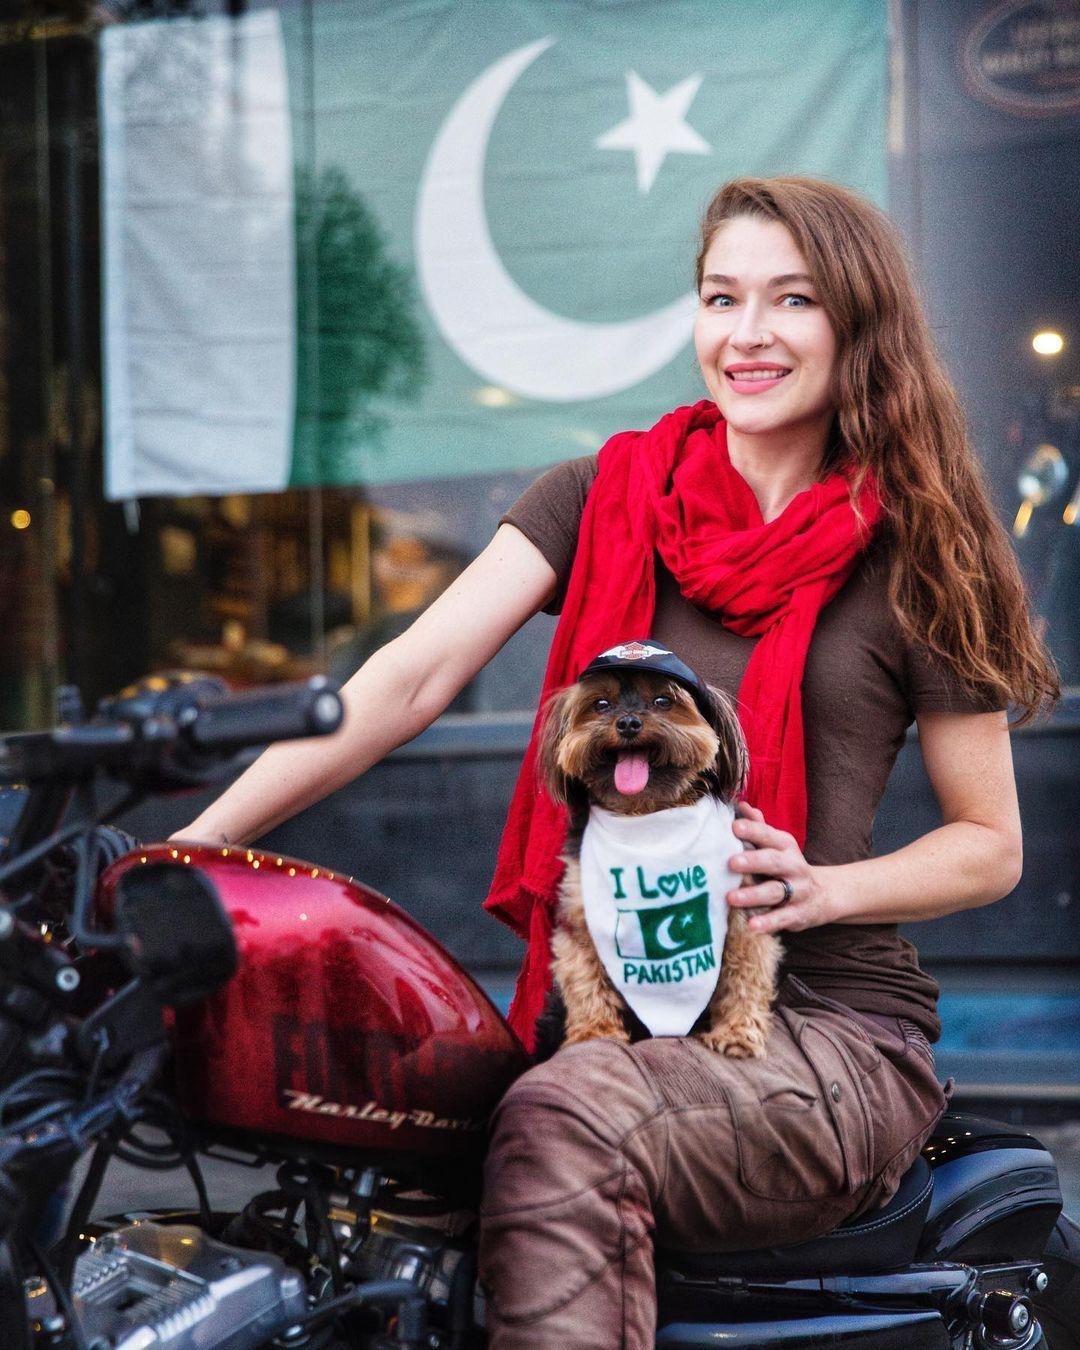 Rosie Gabrielle in Pakistan